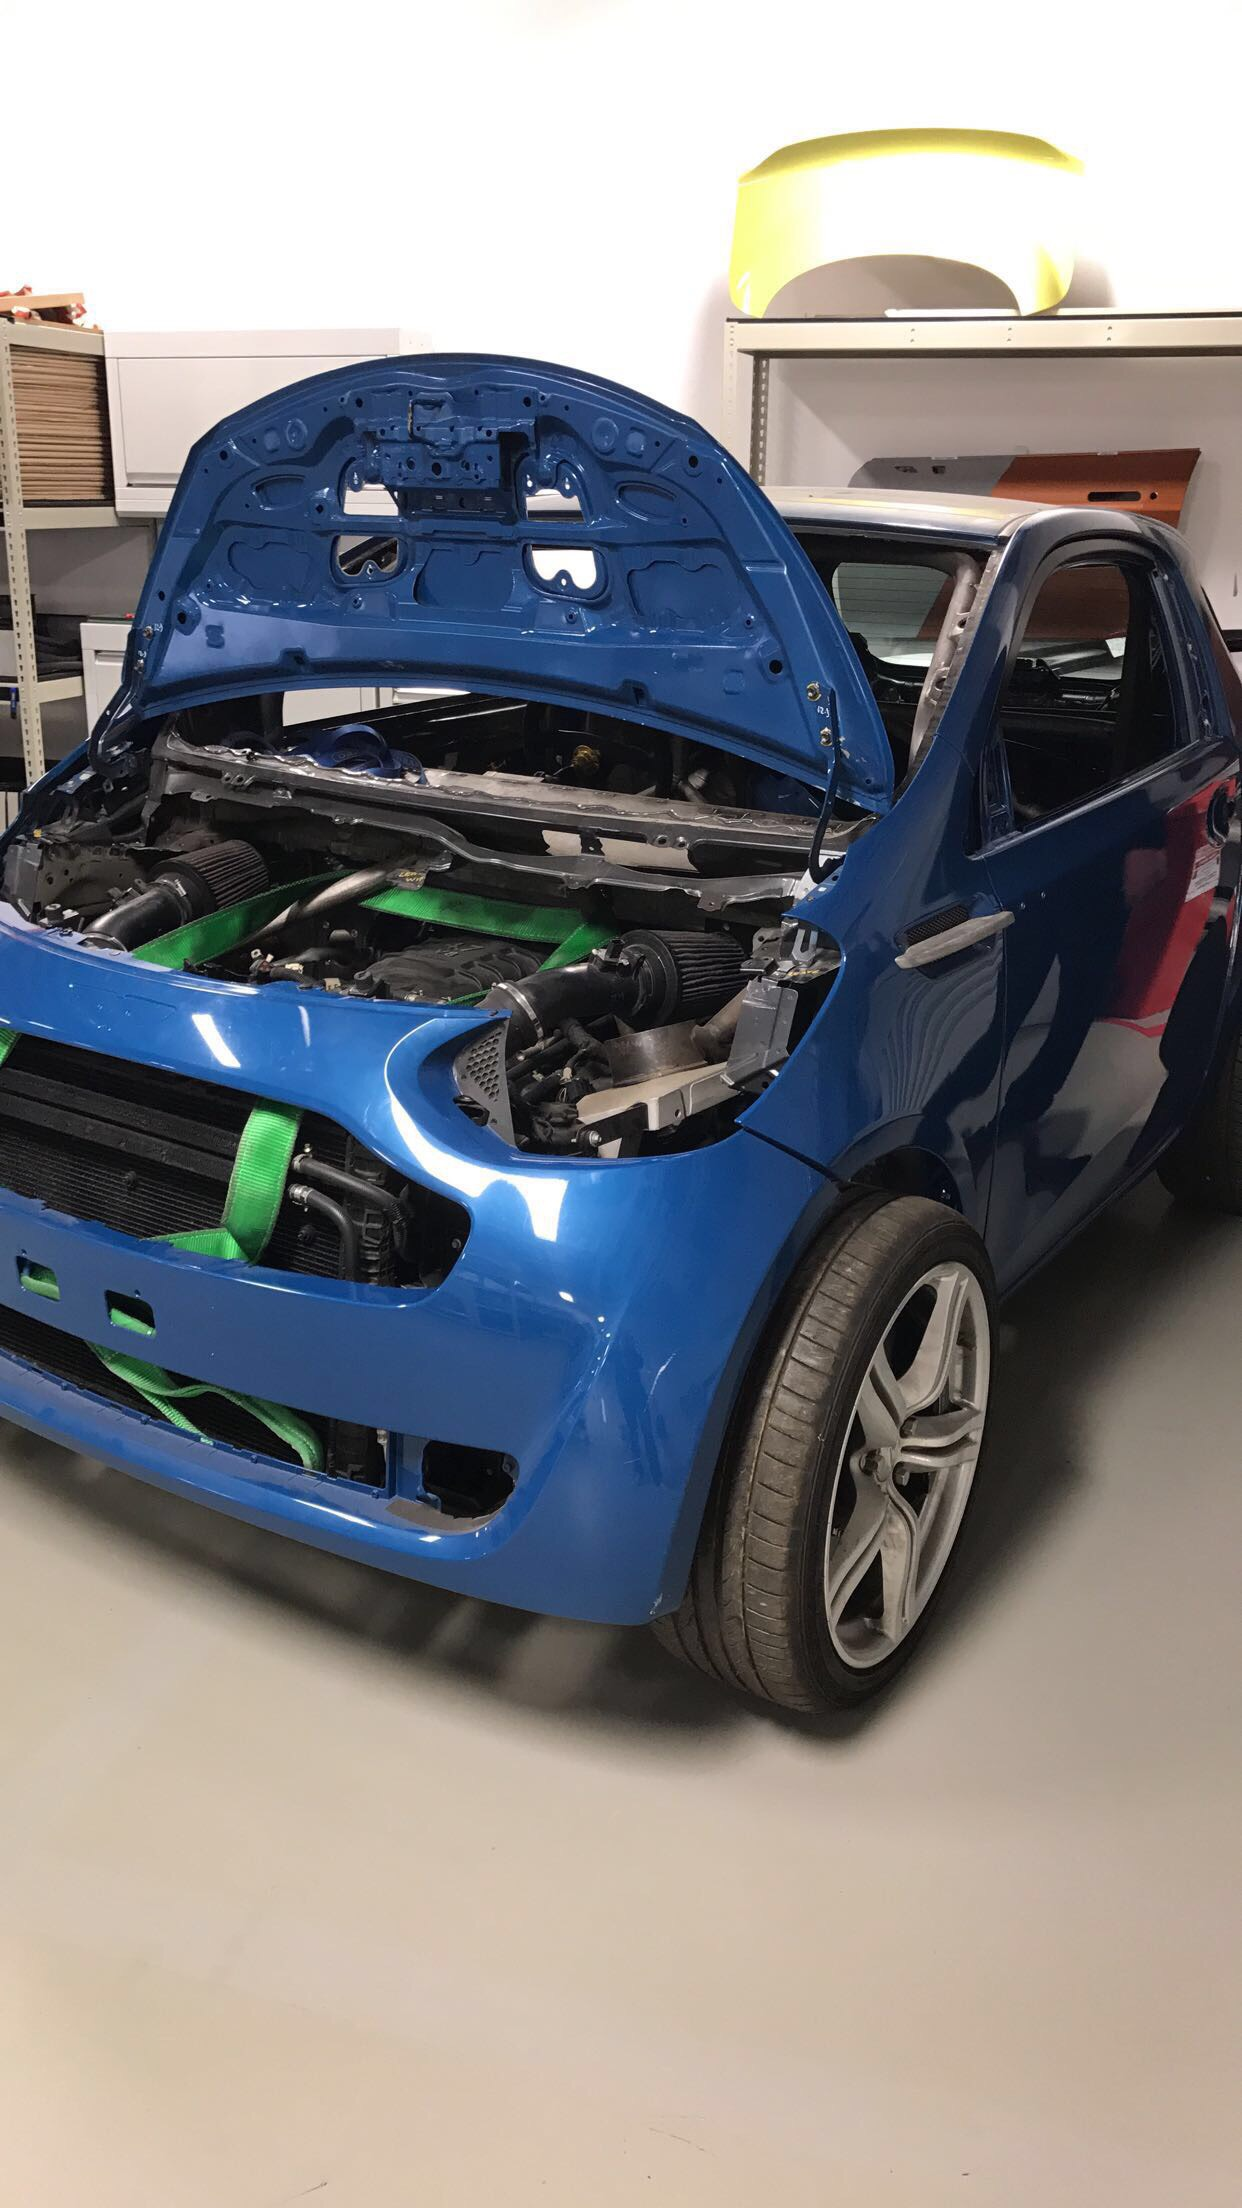 Aston Martin Cygnet With A 4 7 V8